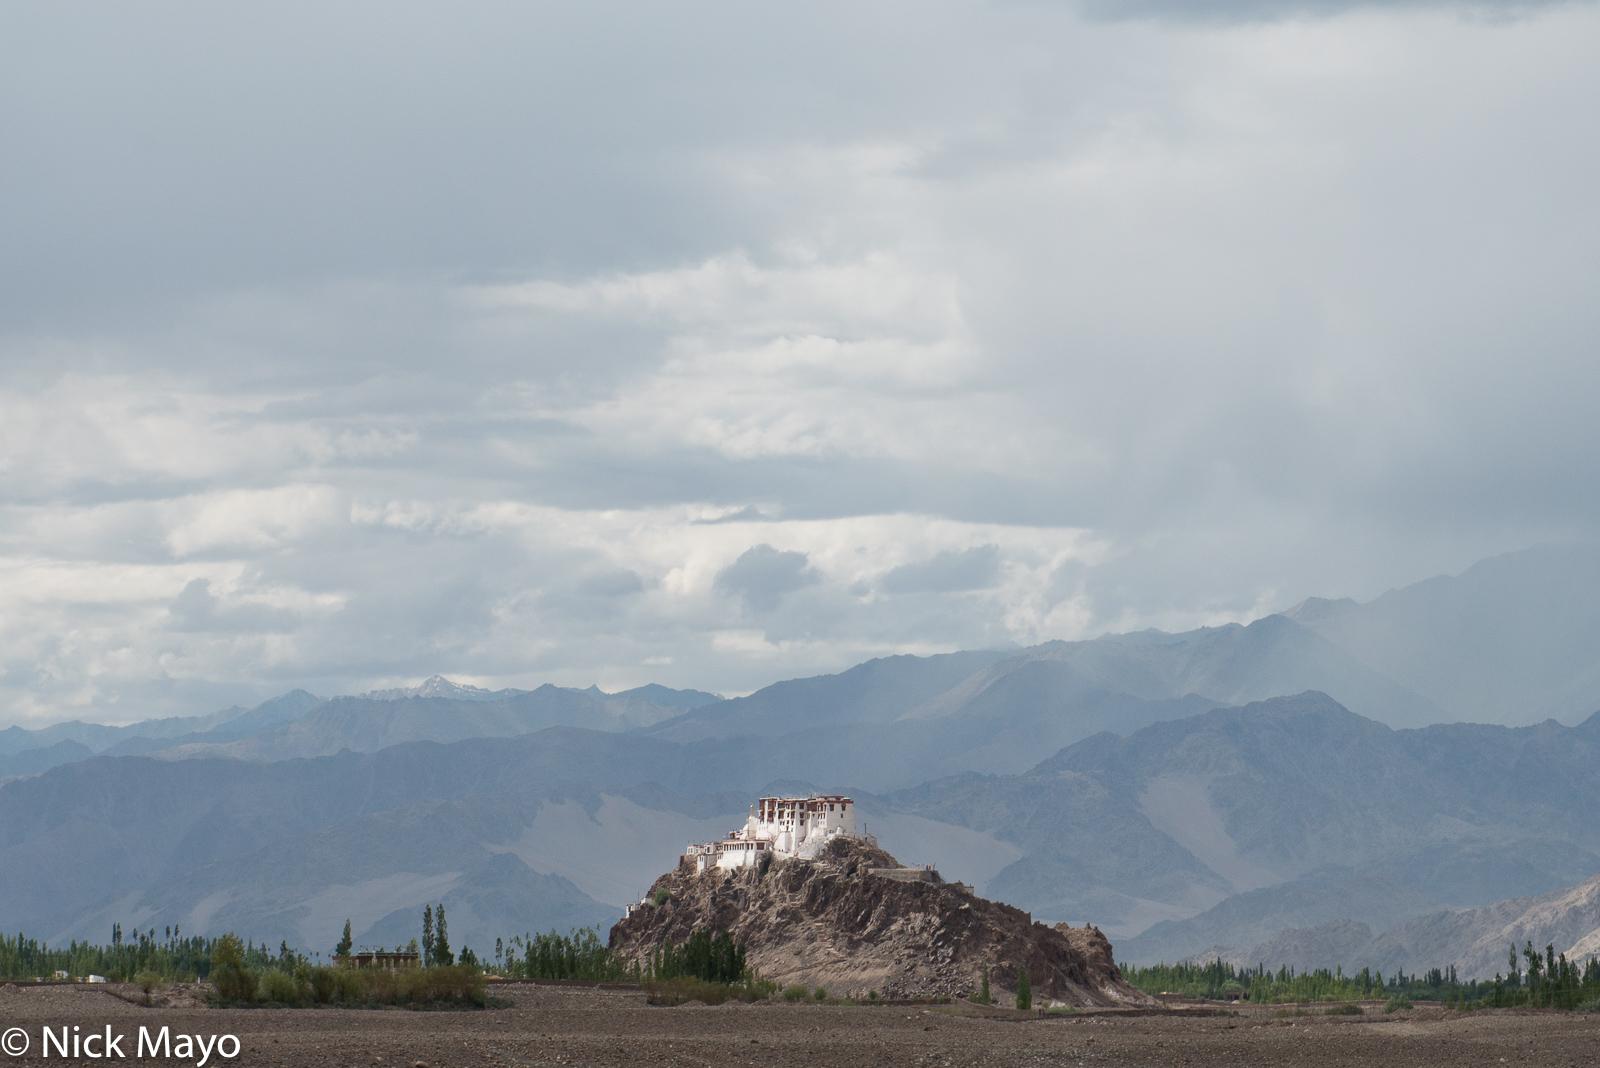 Stakna monastery.